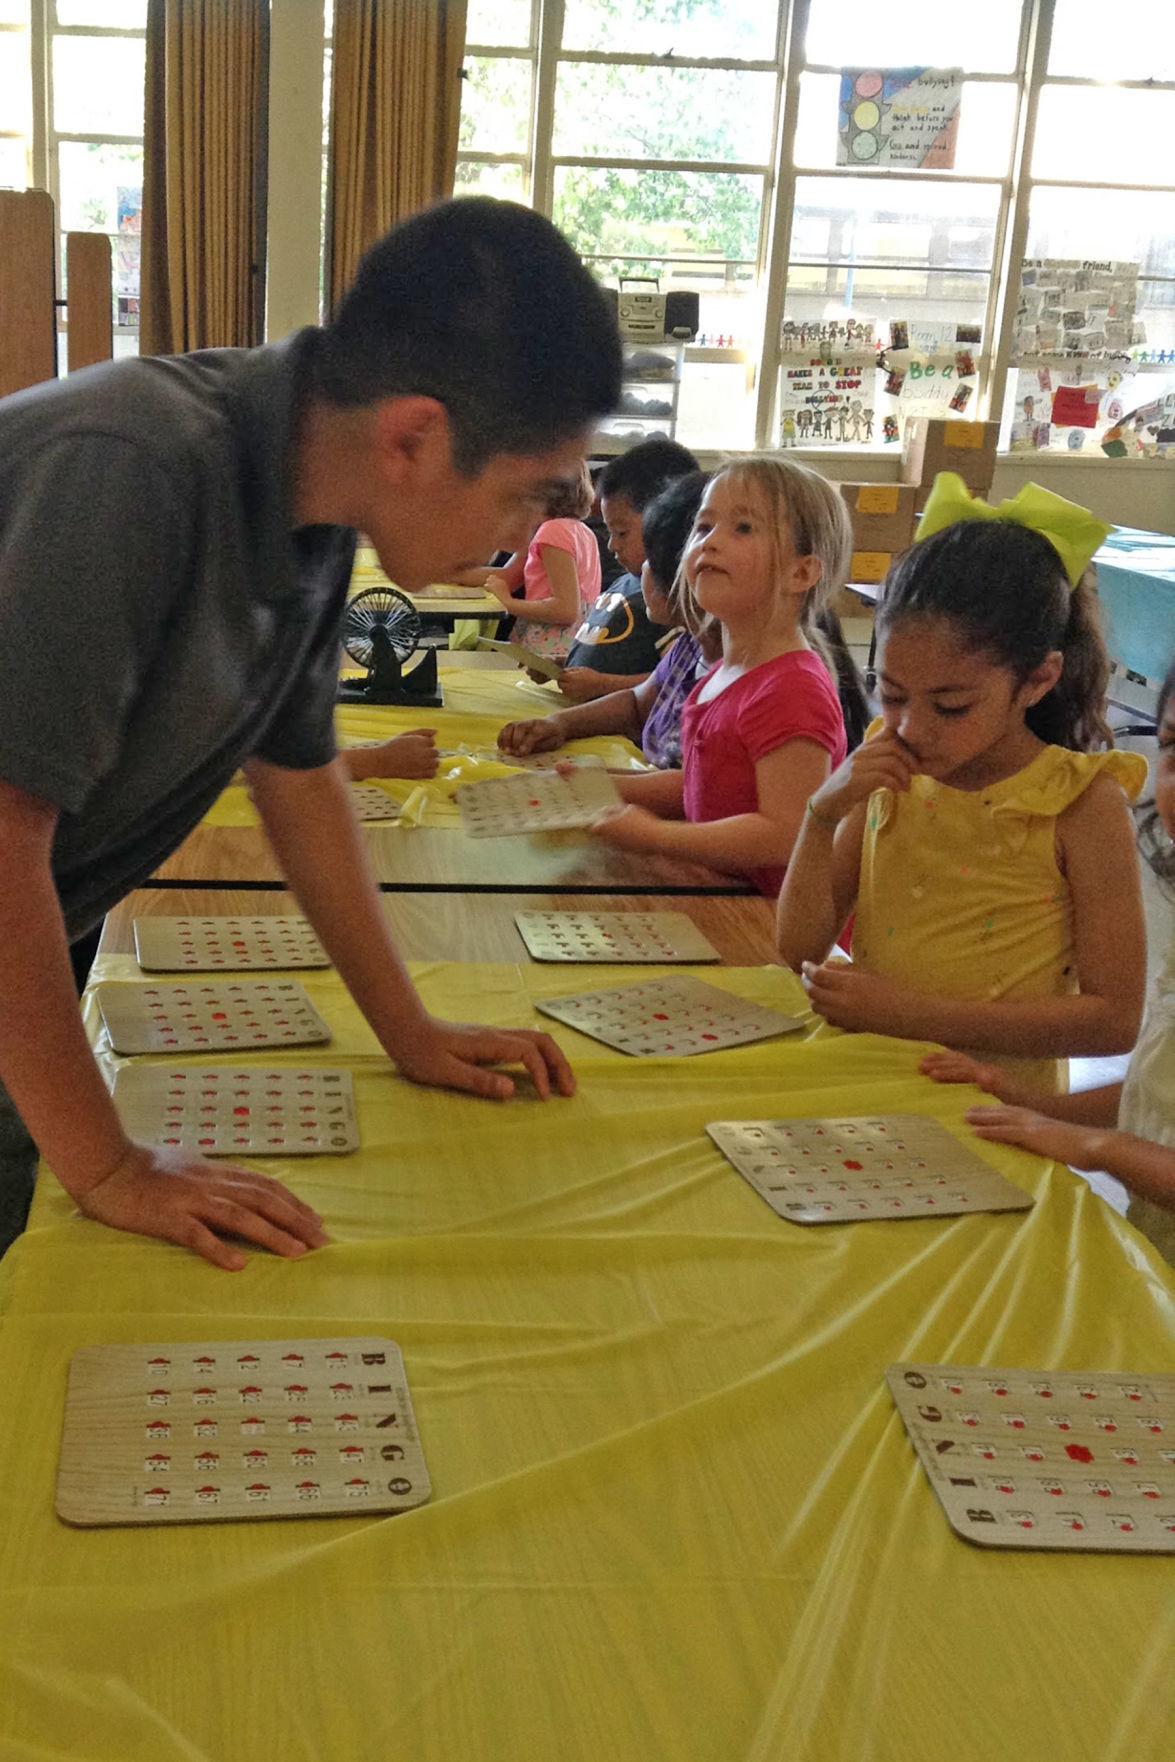 Roosevelt: Children's activities